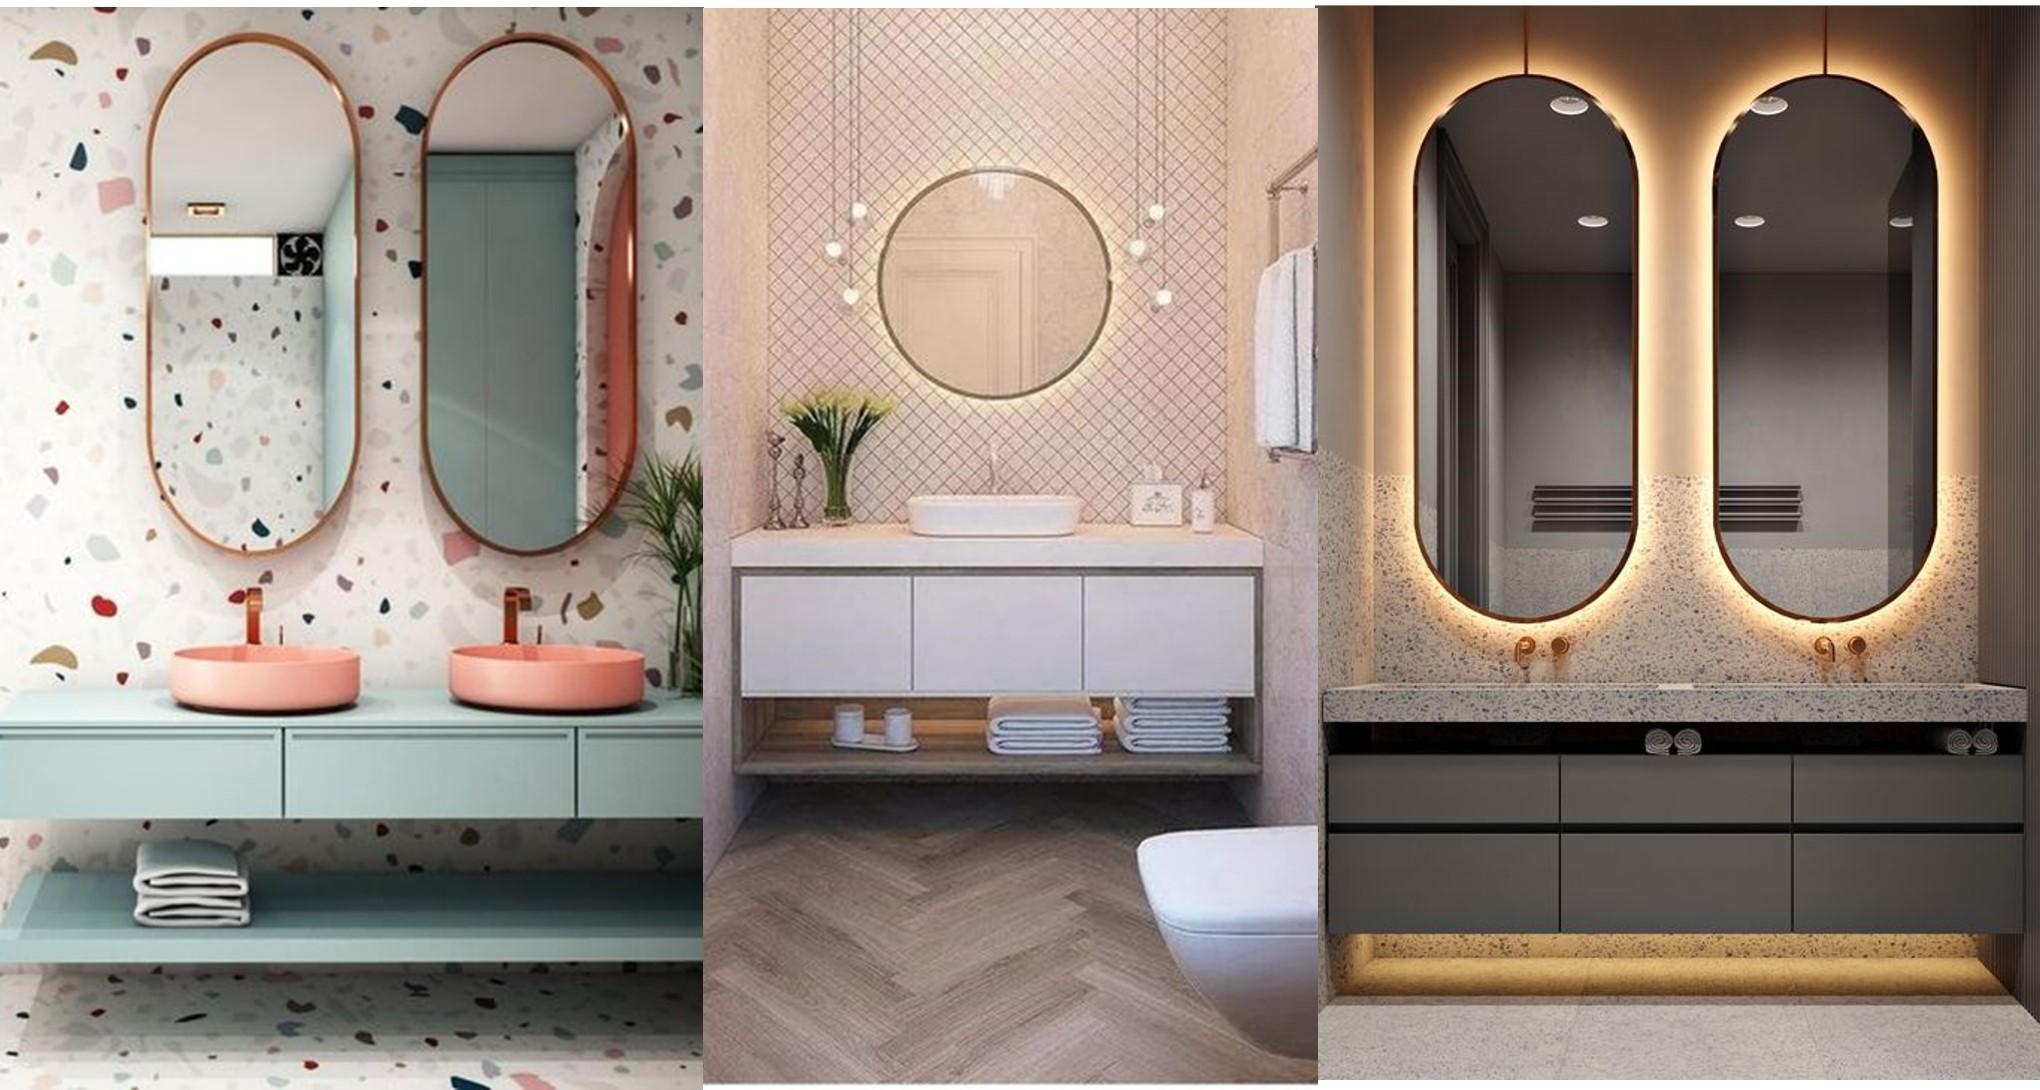 أحدث الاتجاهات في تصميم الحمامات – 2021 – اتجاهات تصاميم الحمامات الحديثة – بواسطة المهندس المعماري